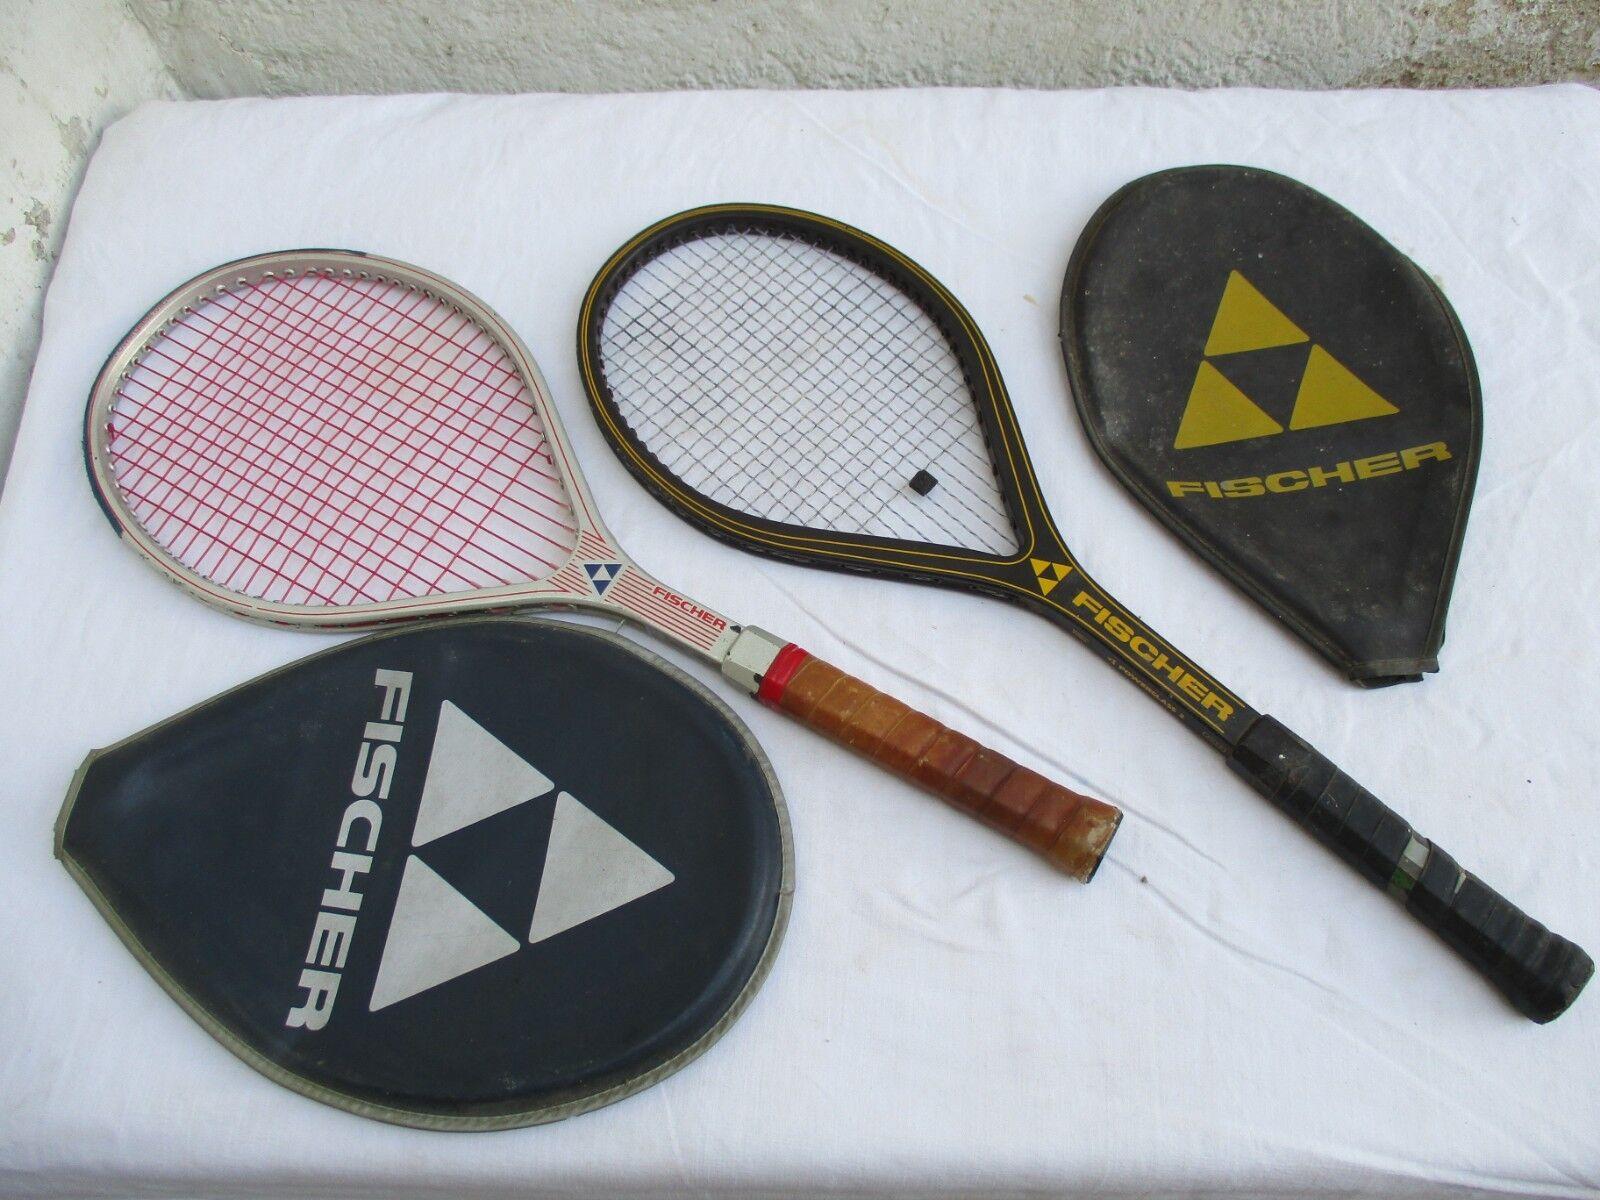 Vintage 2 raquettes de tennis Fischer Power class 2 et Power grass mid + housses